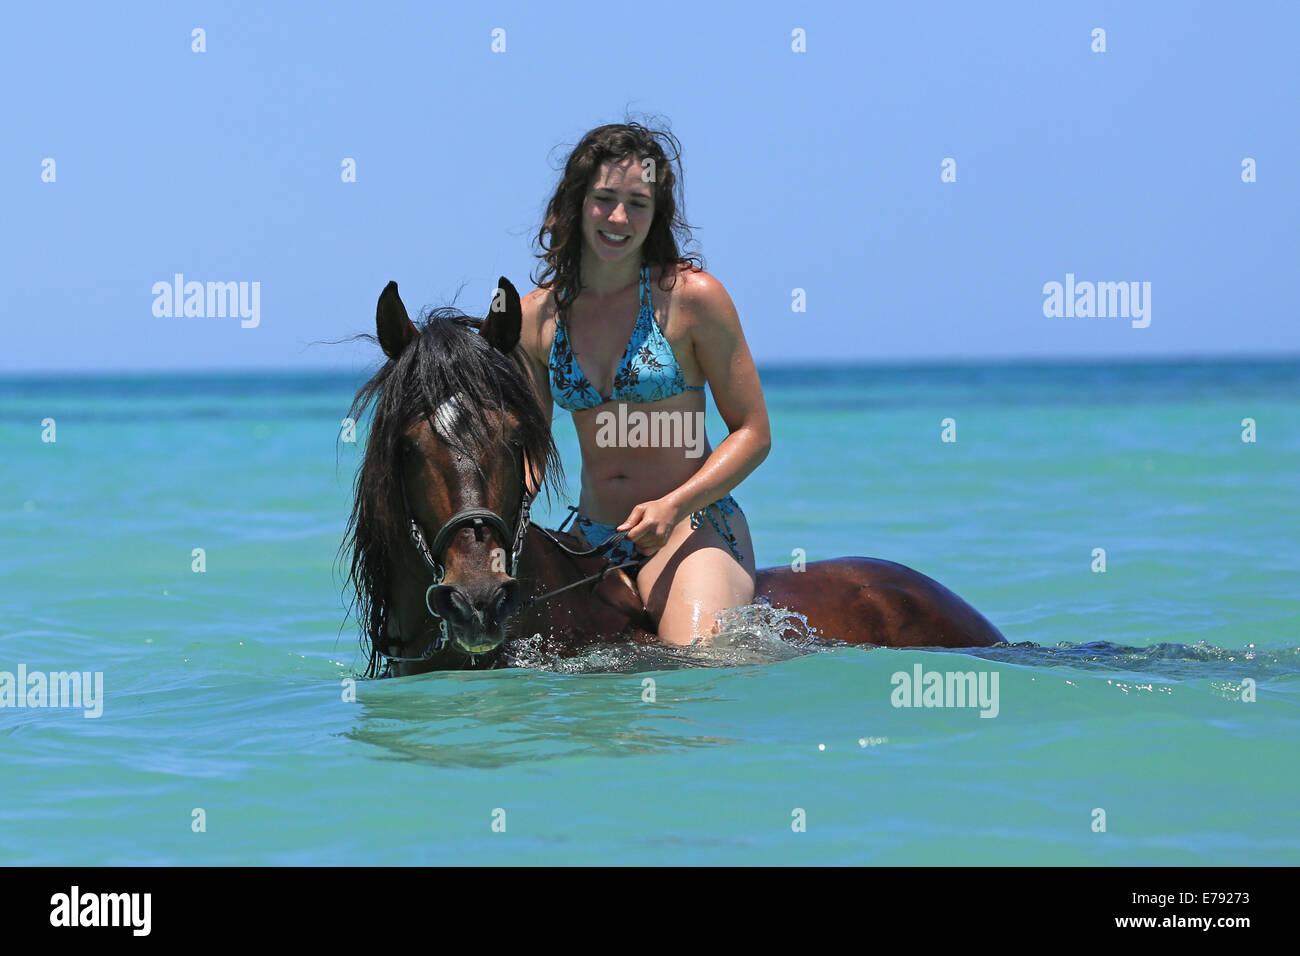 Bikini Riding 81